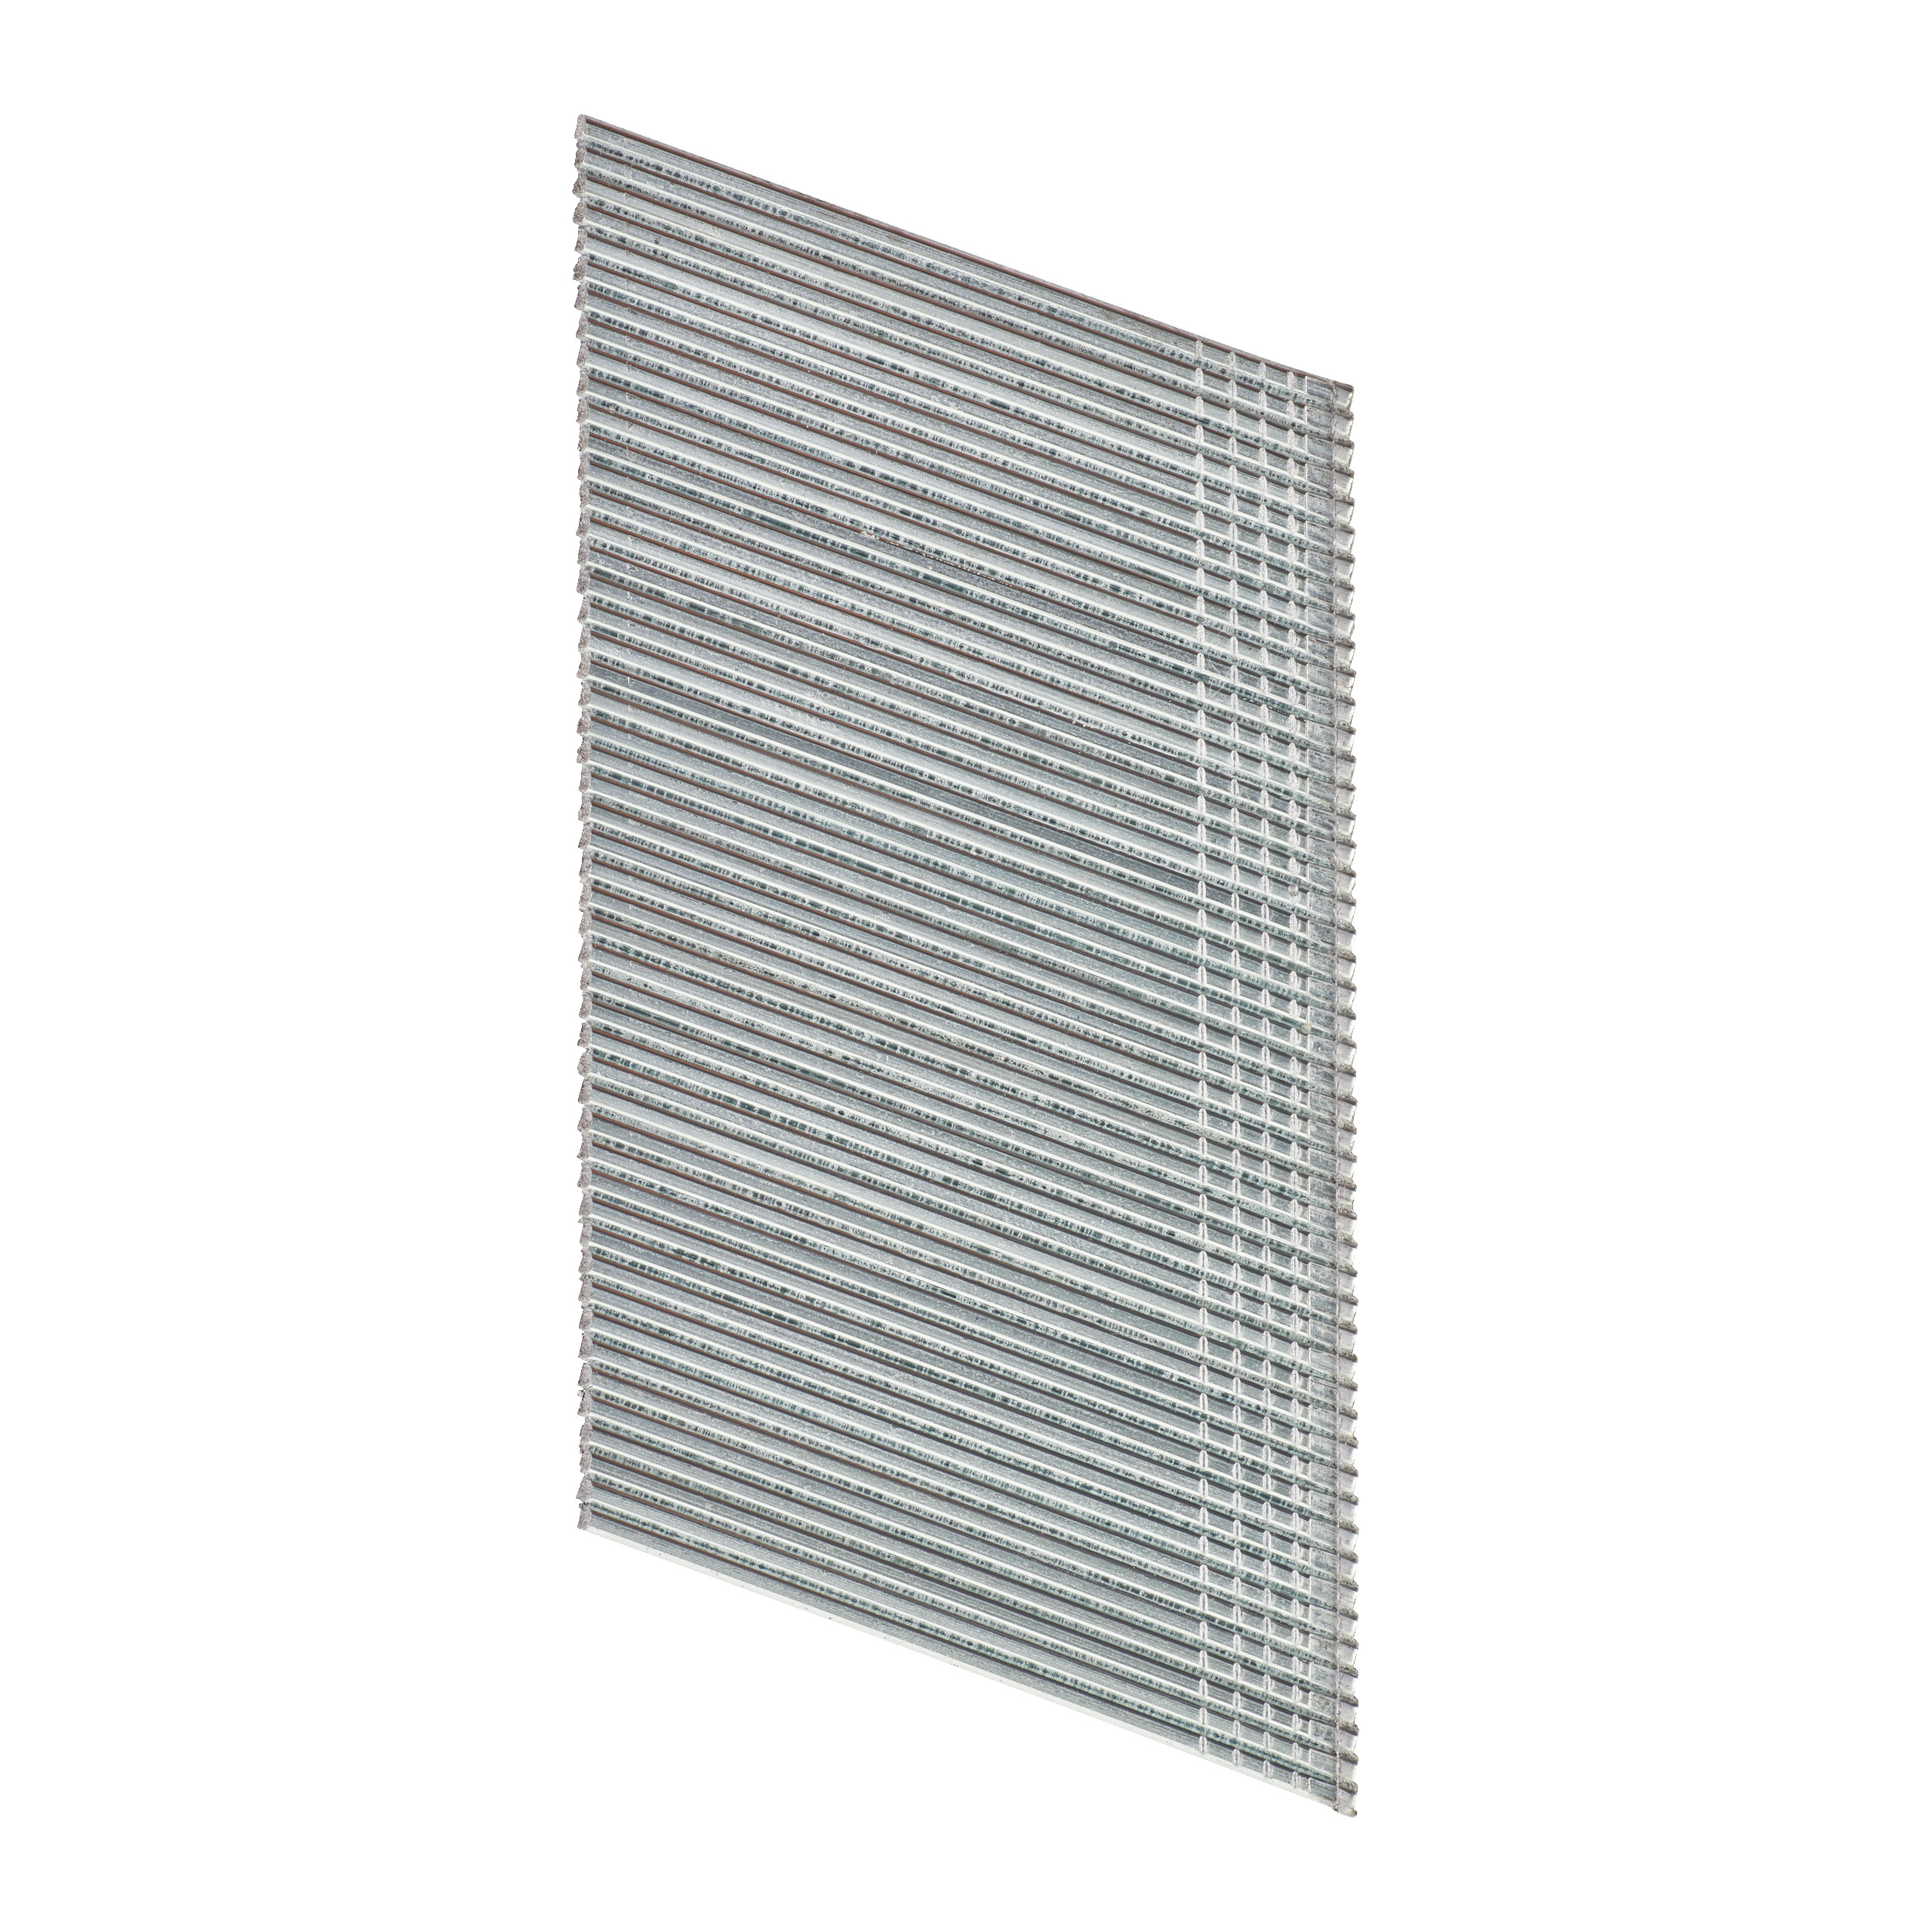 Hřebíky 16G/50mm/20°-2 tisíce ks